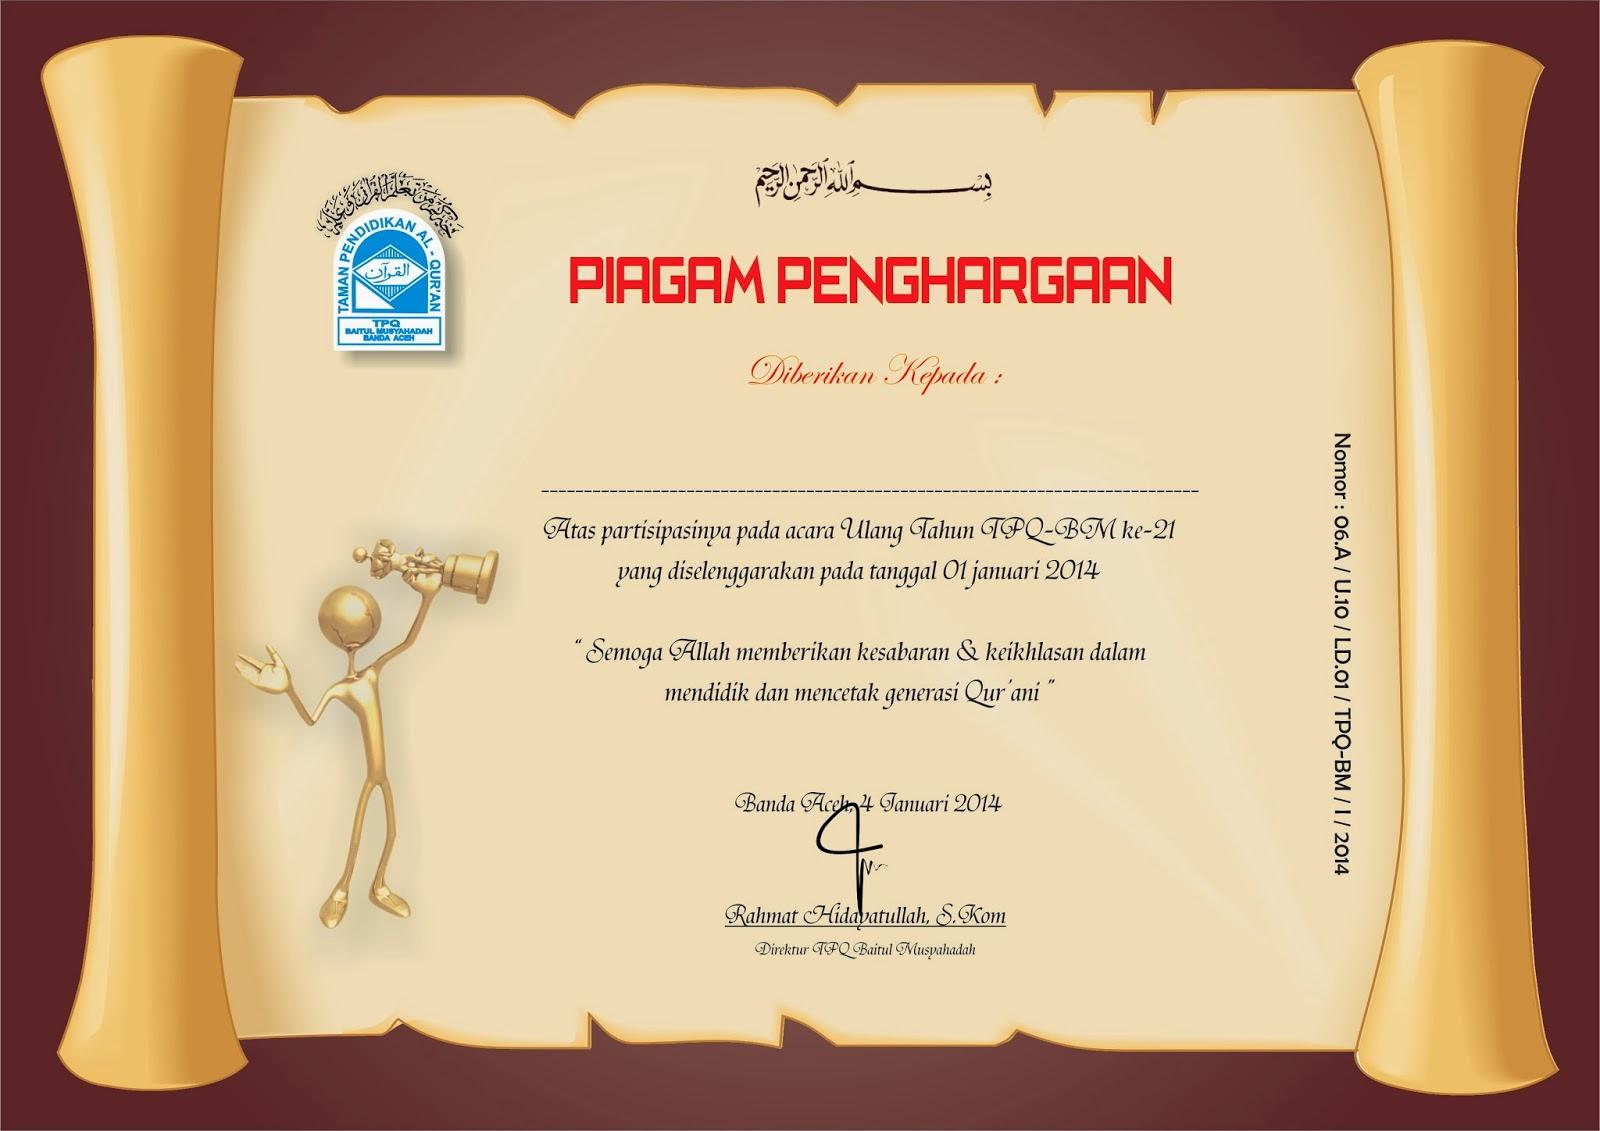 Piagam Penghargaan piagam+penghargaan+lomba.jpg